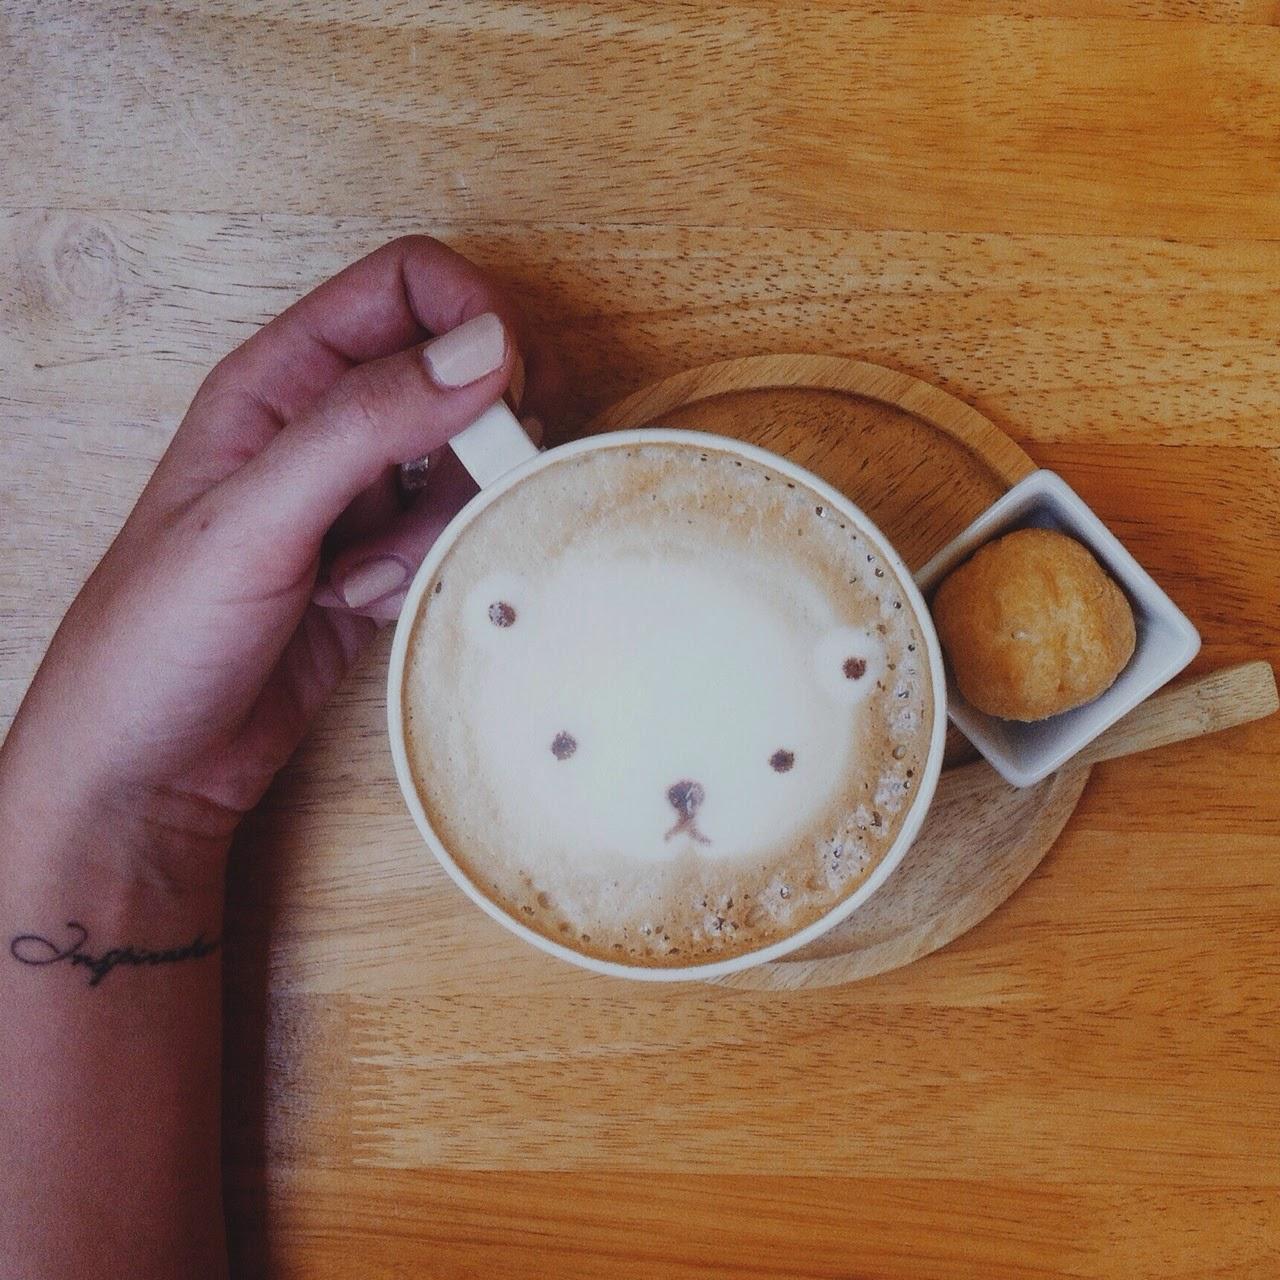 coffee, latte, latte art, cute images on coffee foam, tlv birdie blog, cute coffeeshop pictures, instagram social media tips